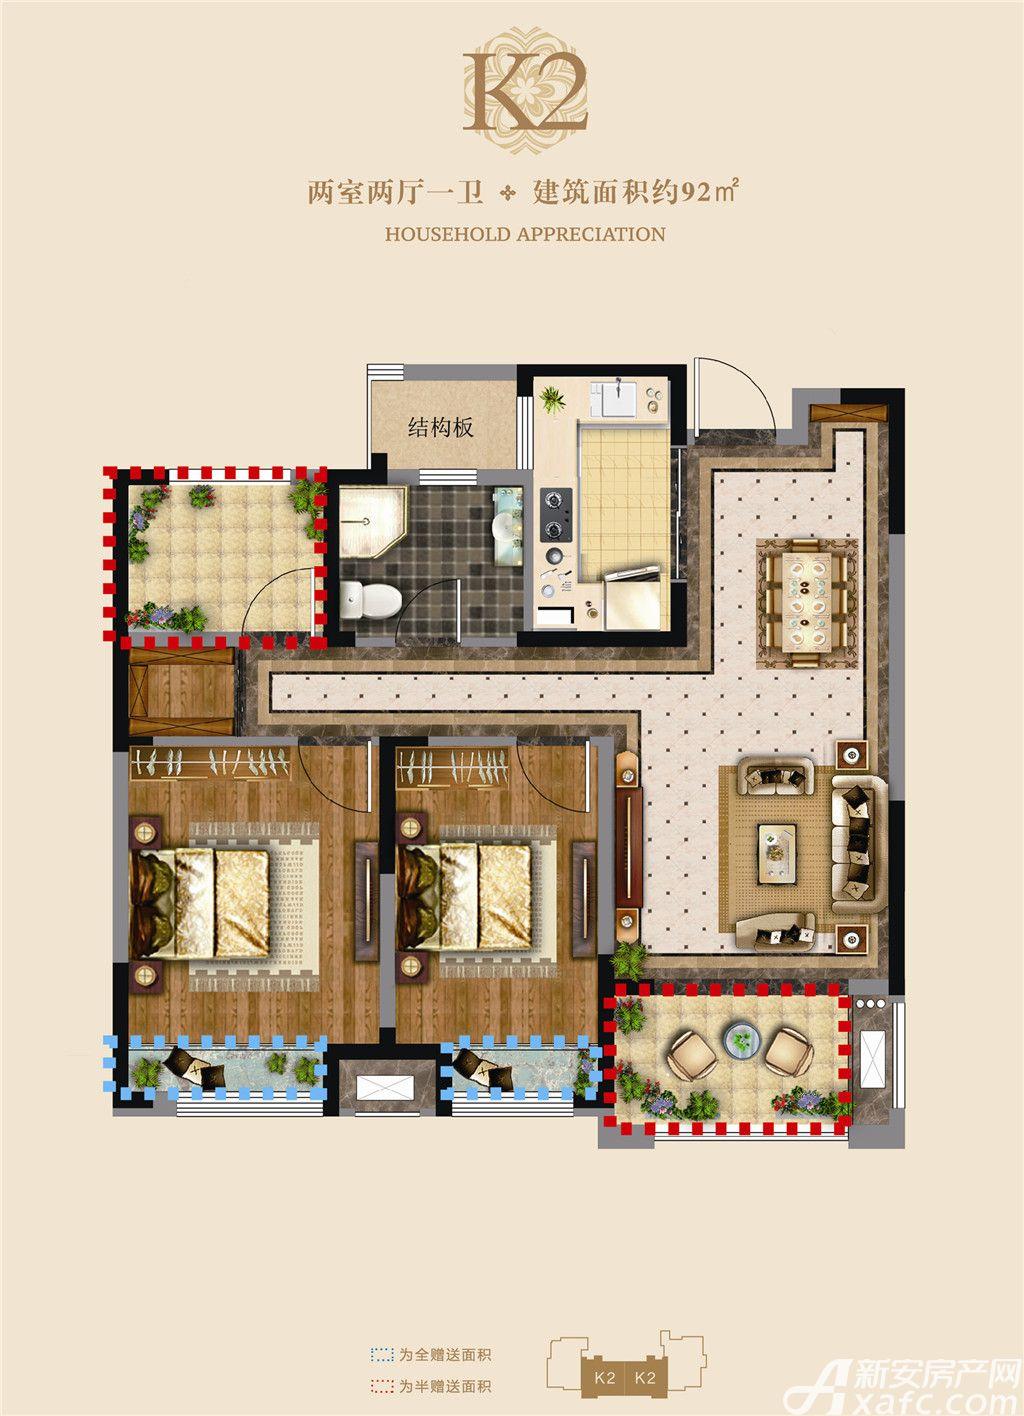 高速铜都天地G7#K22室2厅92平米